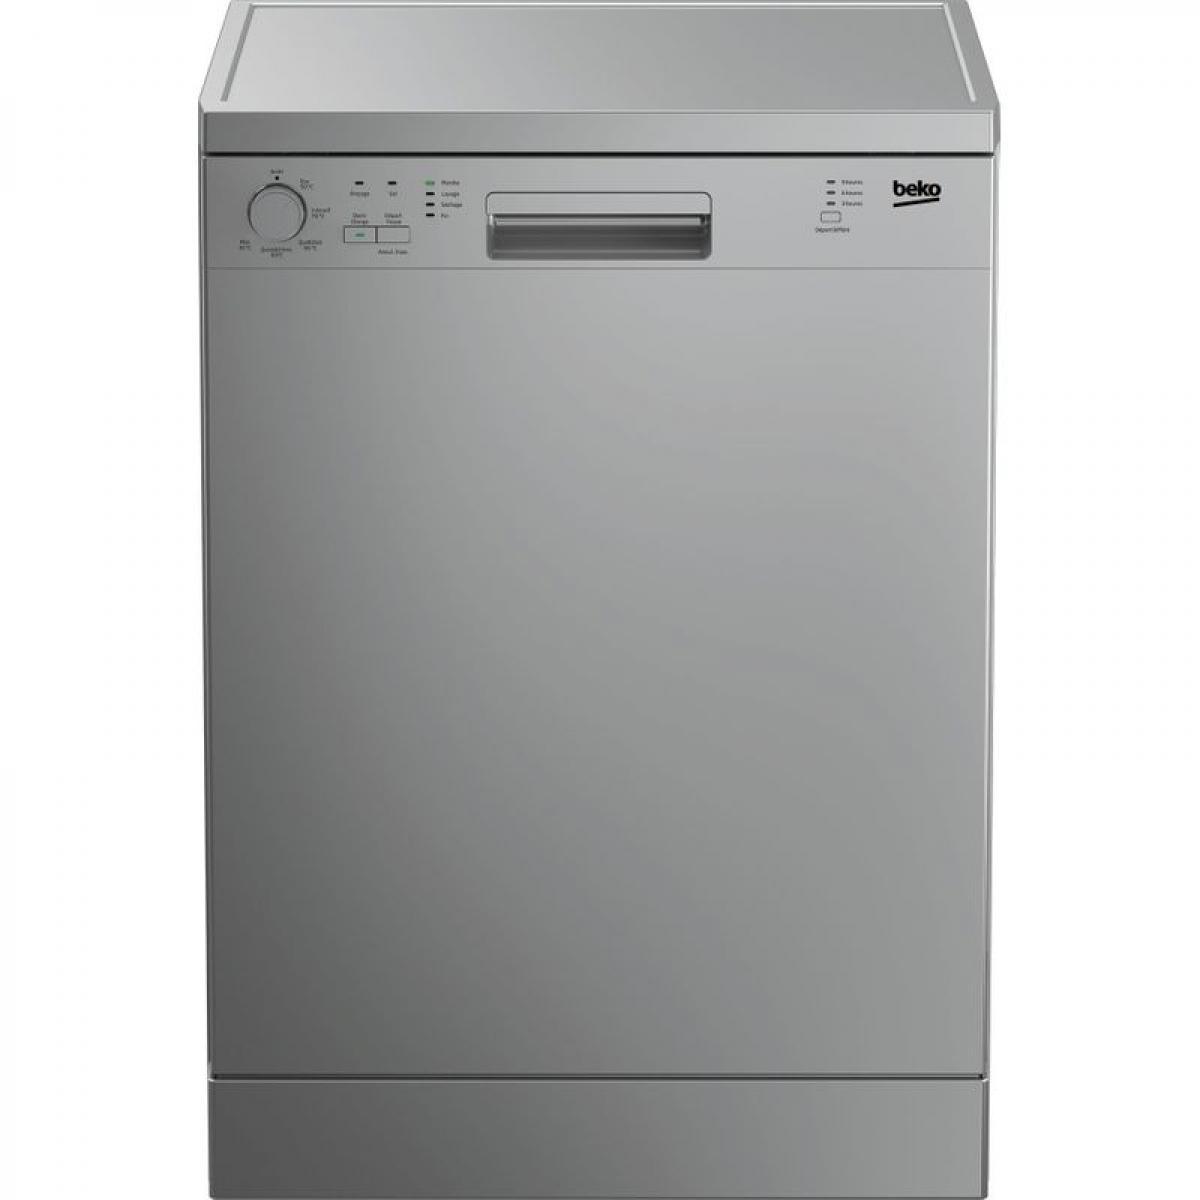 Beko Lave-vaisselle intégrable BEKO DFN136S 13 couverts Silver